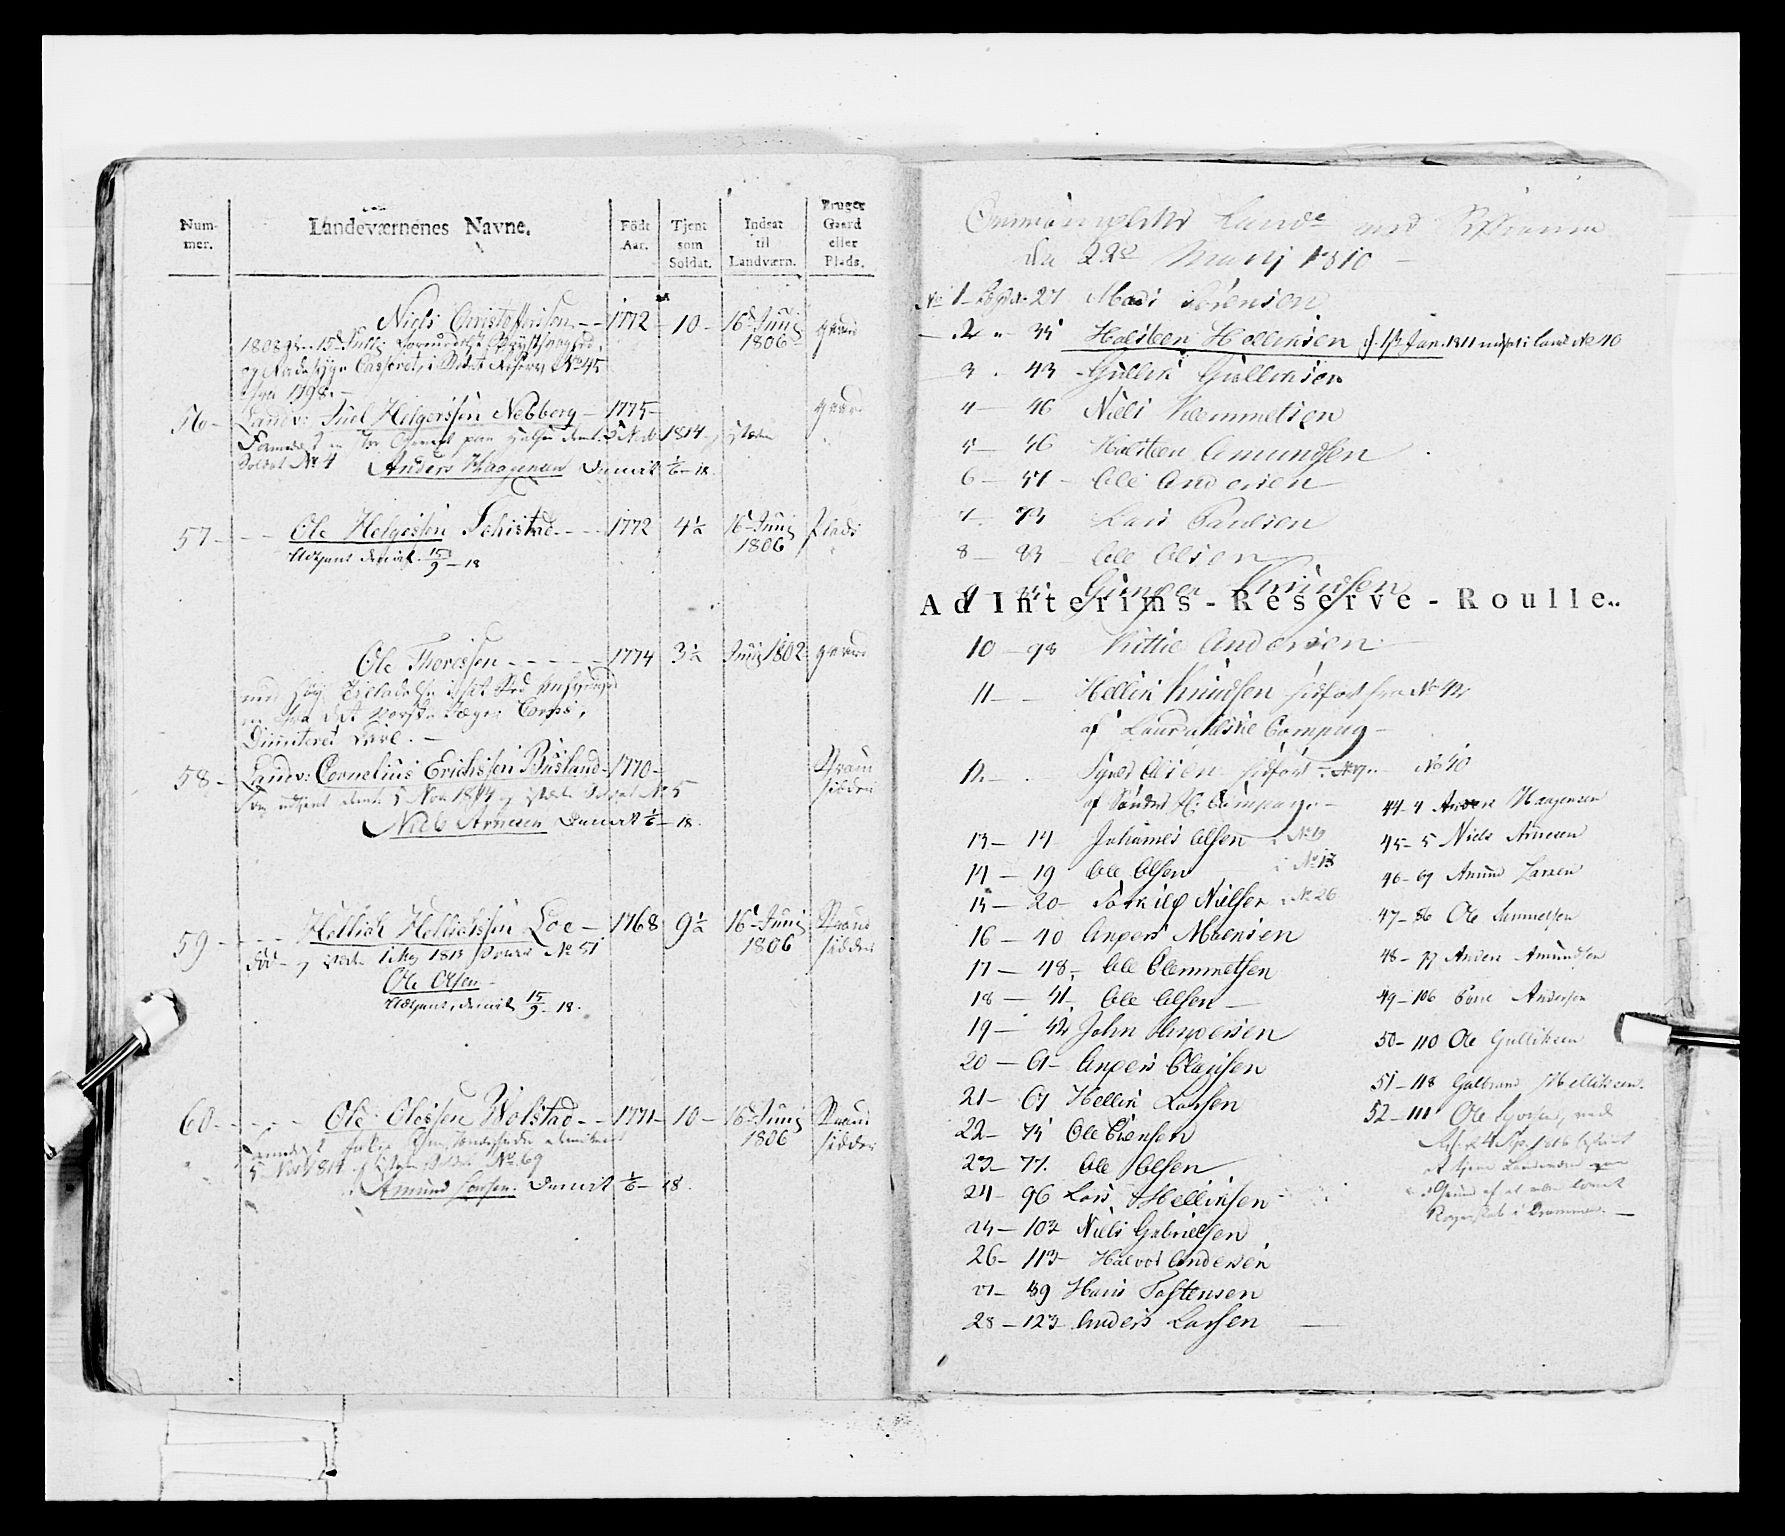 RA, Generalitets- og kommissariatskollegiet, Det kongelige norske kommissariatskollegium, E/Eh/L0047: 2. Akershusiske nasjonale infanteriregiment, 1791-1810, p. 562